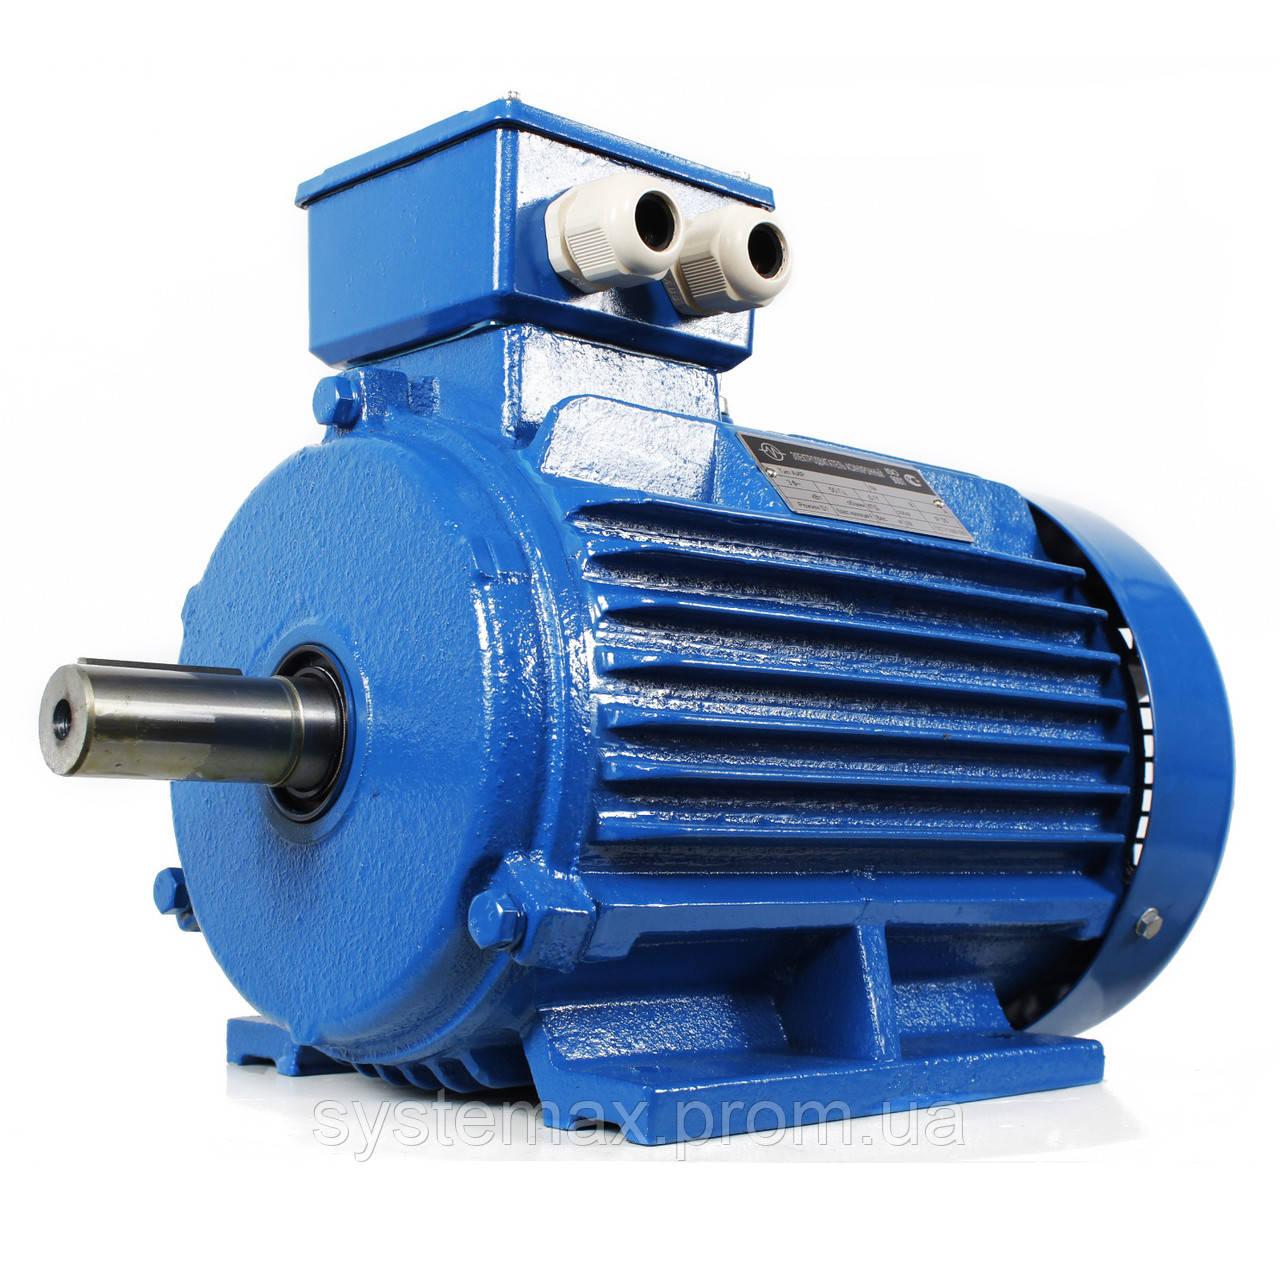 Електродвигун АИР355MLС8 (АЇР 355 MLС8) 315 кВт 750 об/хв